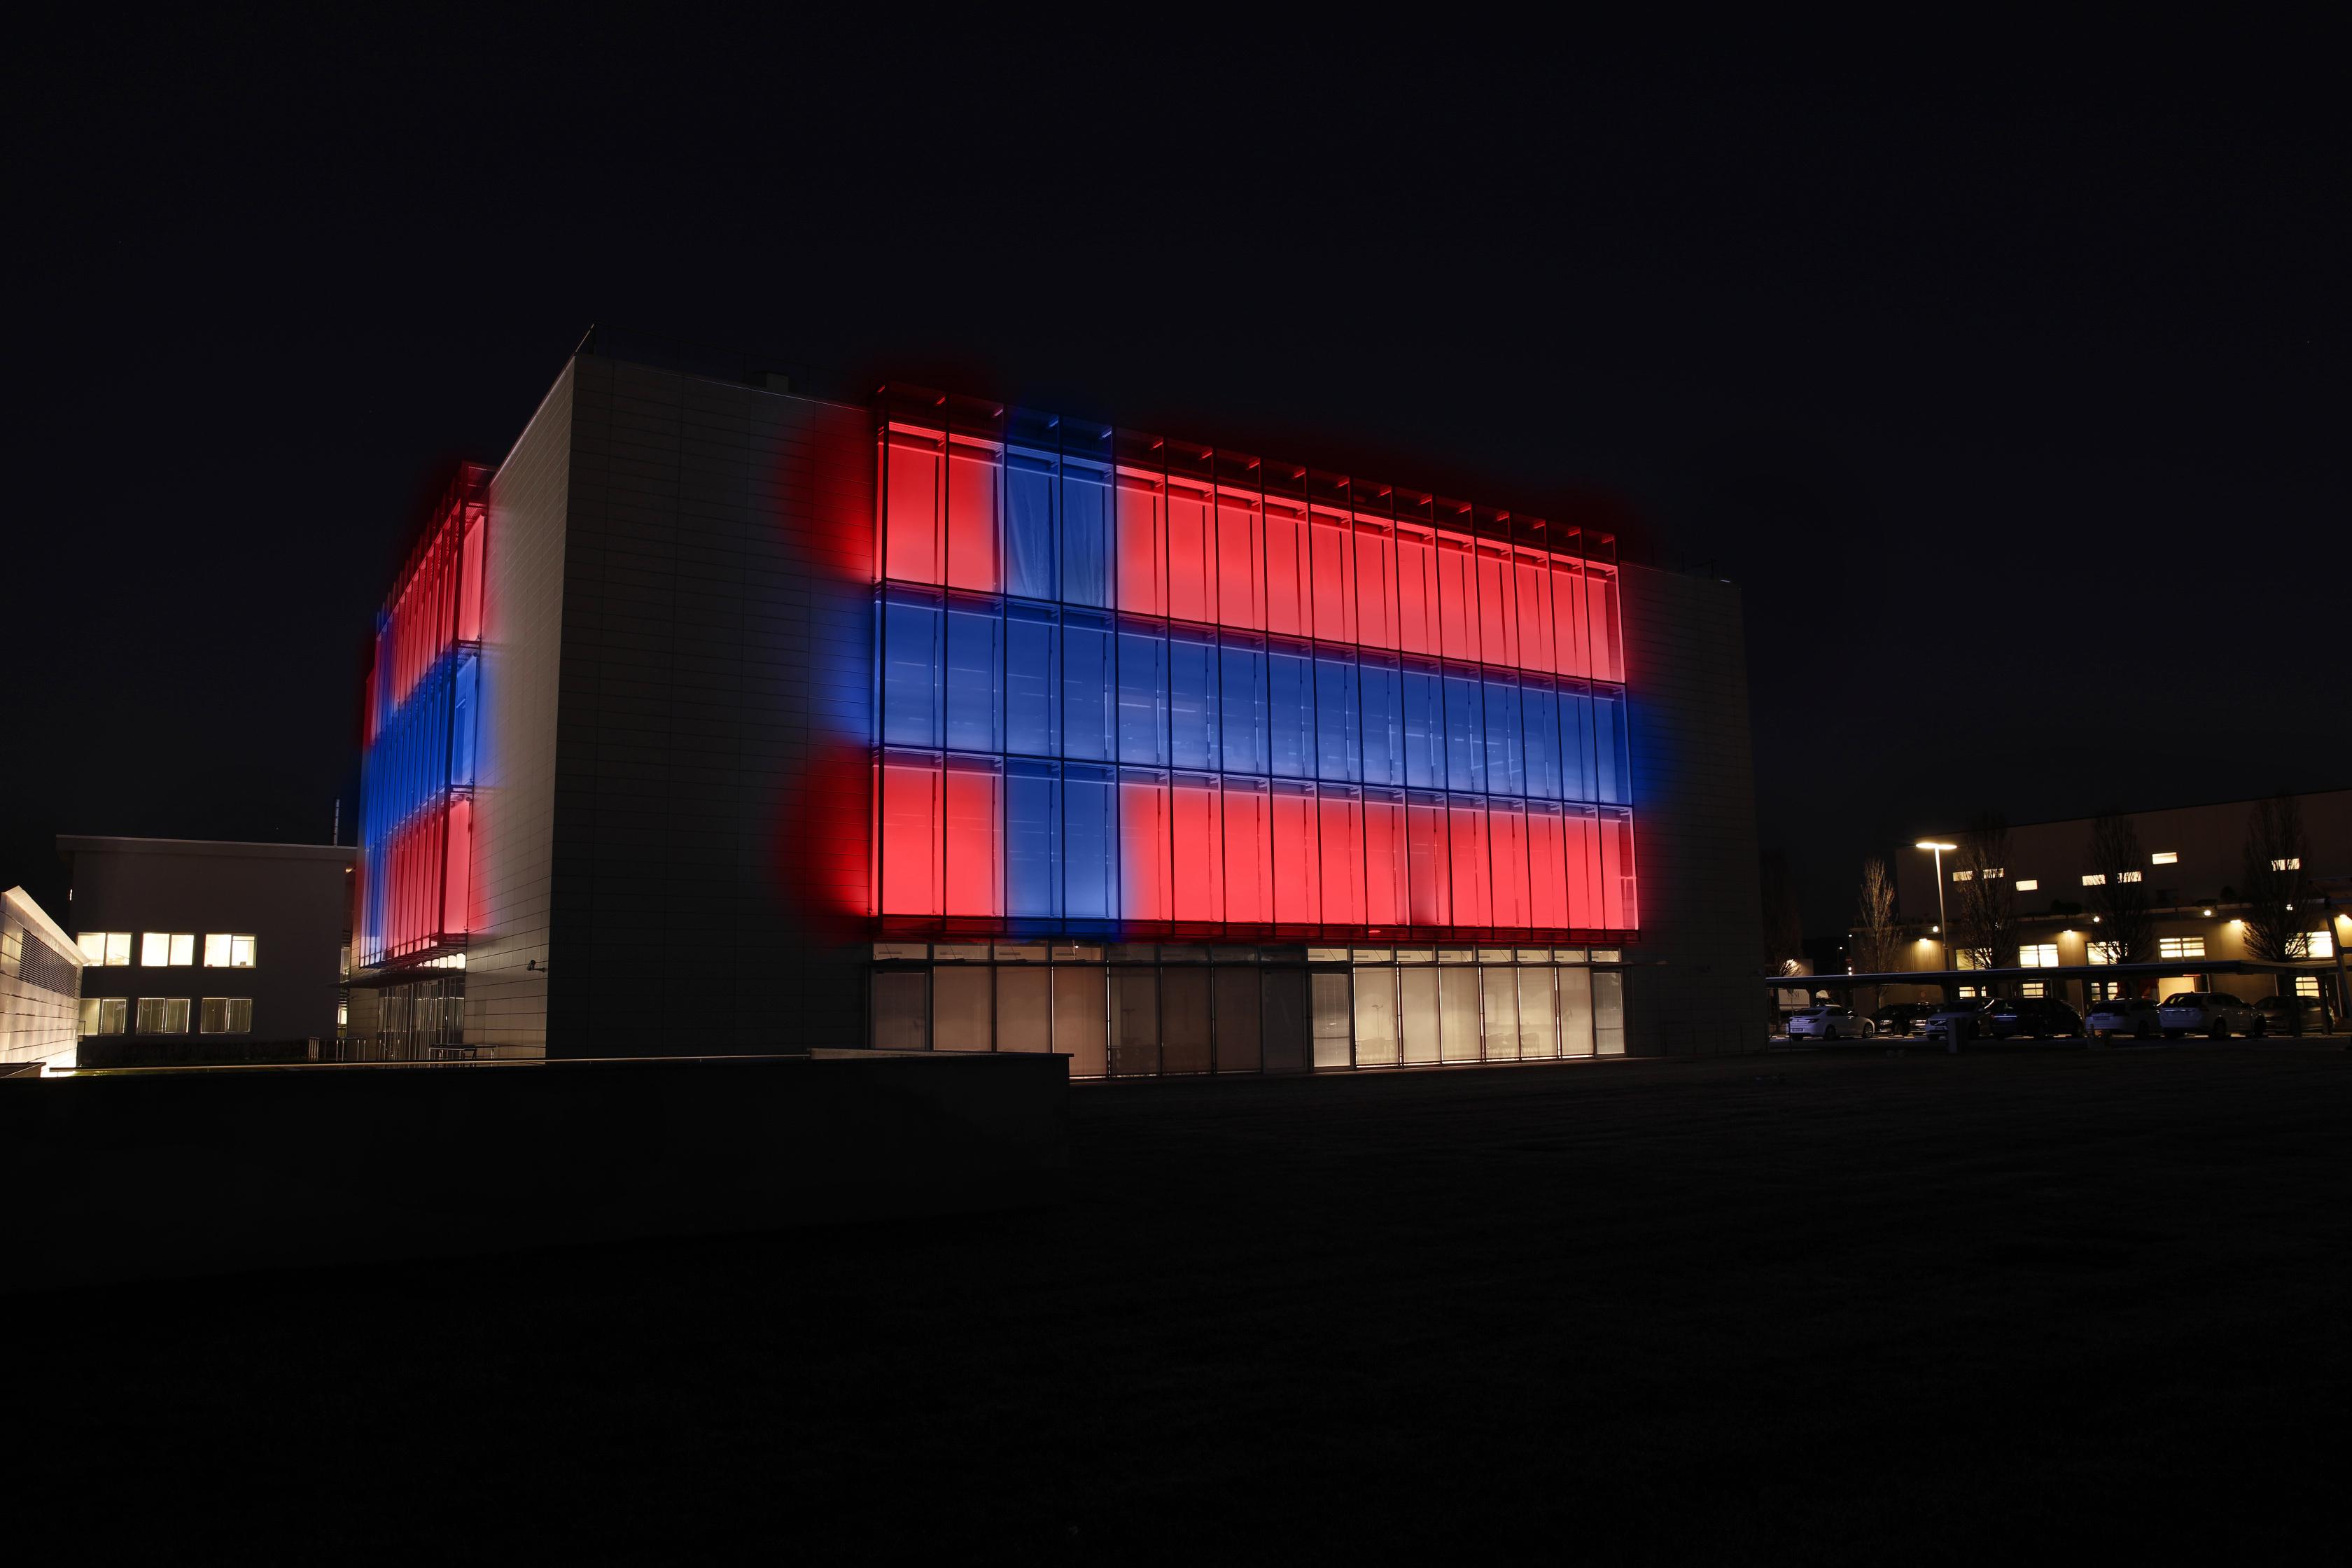 La filiale norvegese festeggia i 20 anni